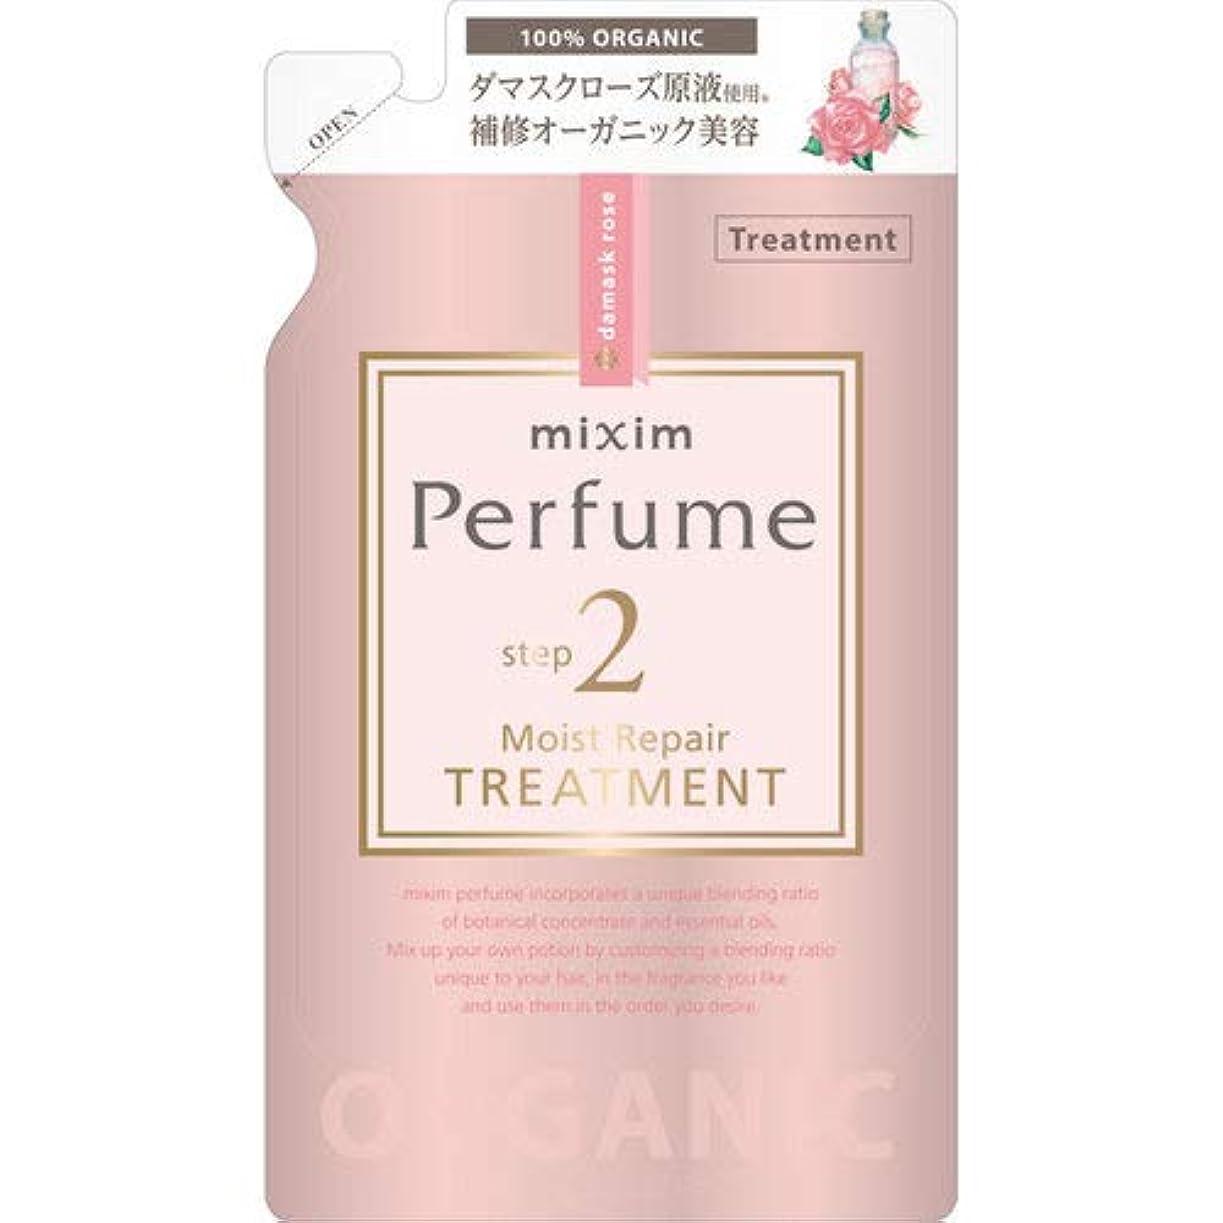 苦味あさり前方へmixim Perfume(ミクシムパフューム) モイストリペア ヘアトリートメントつめかえ用 350g